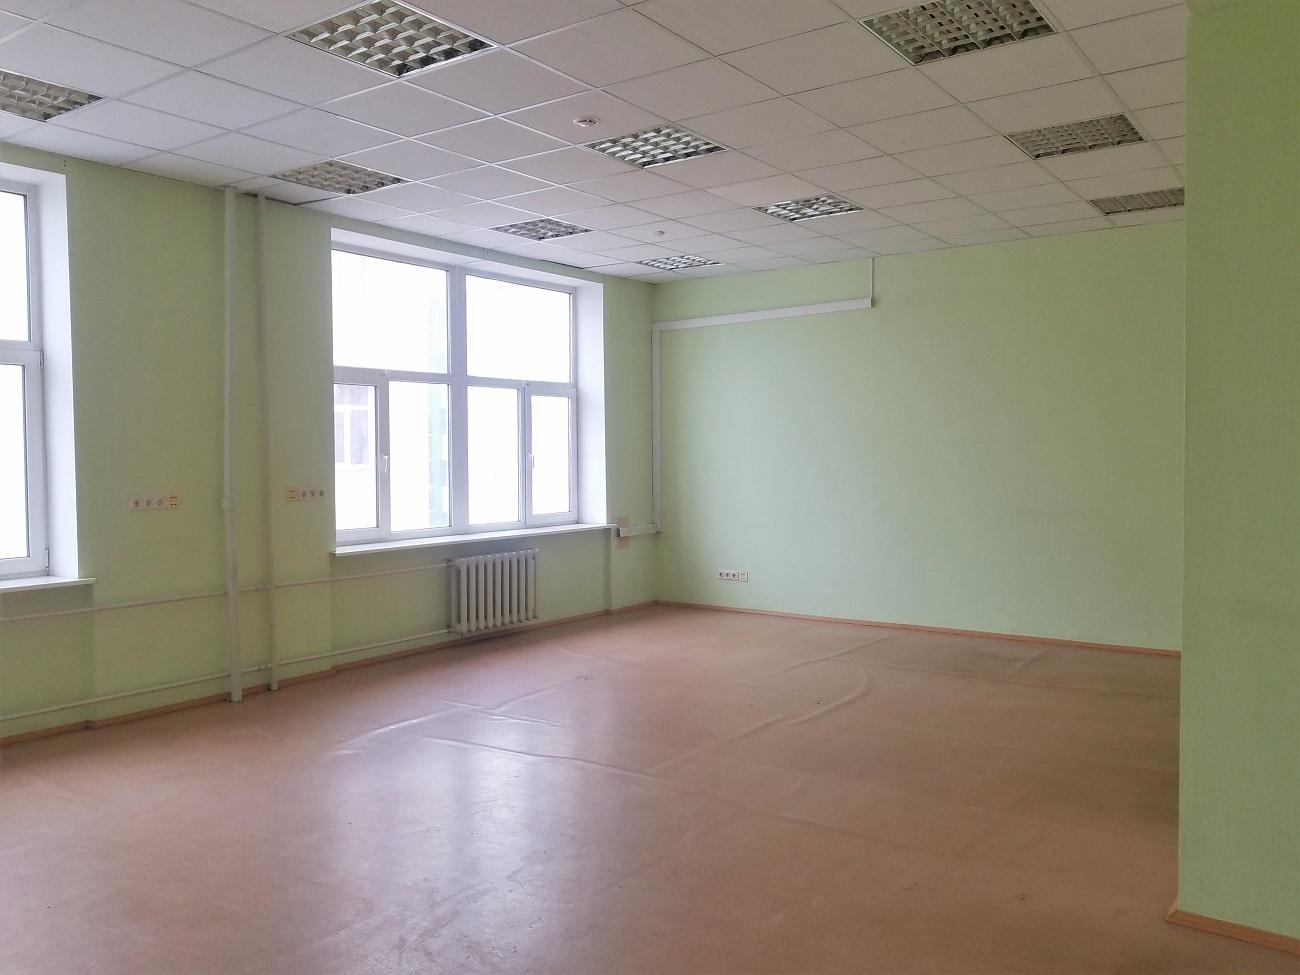 Аренда офиса в екатеринбурге коммерческая недвижимость в городе сыктывкаре